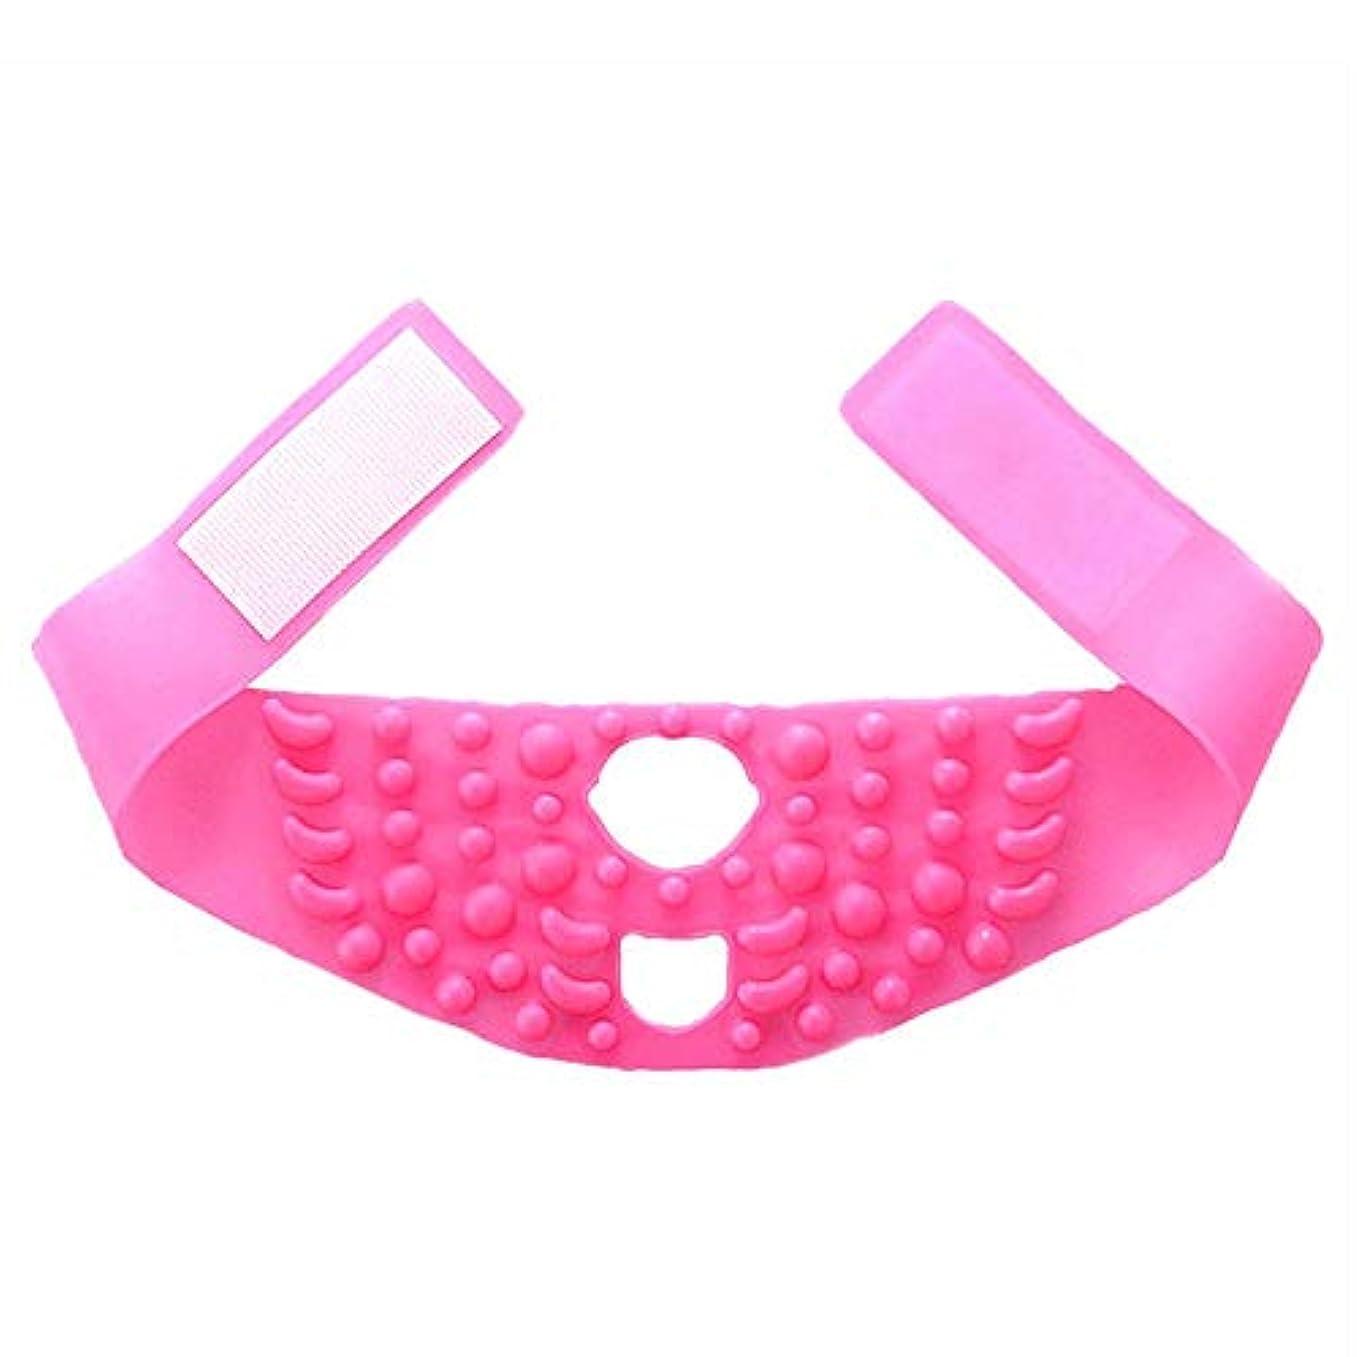 リール薬現実的シンフェイスマスクシリコーンマッサージ引き締まった形の小さなVフェイスリフティングに薄いフェイスアーティファクト包帯を飾る - ピンク